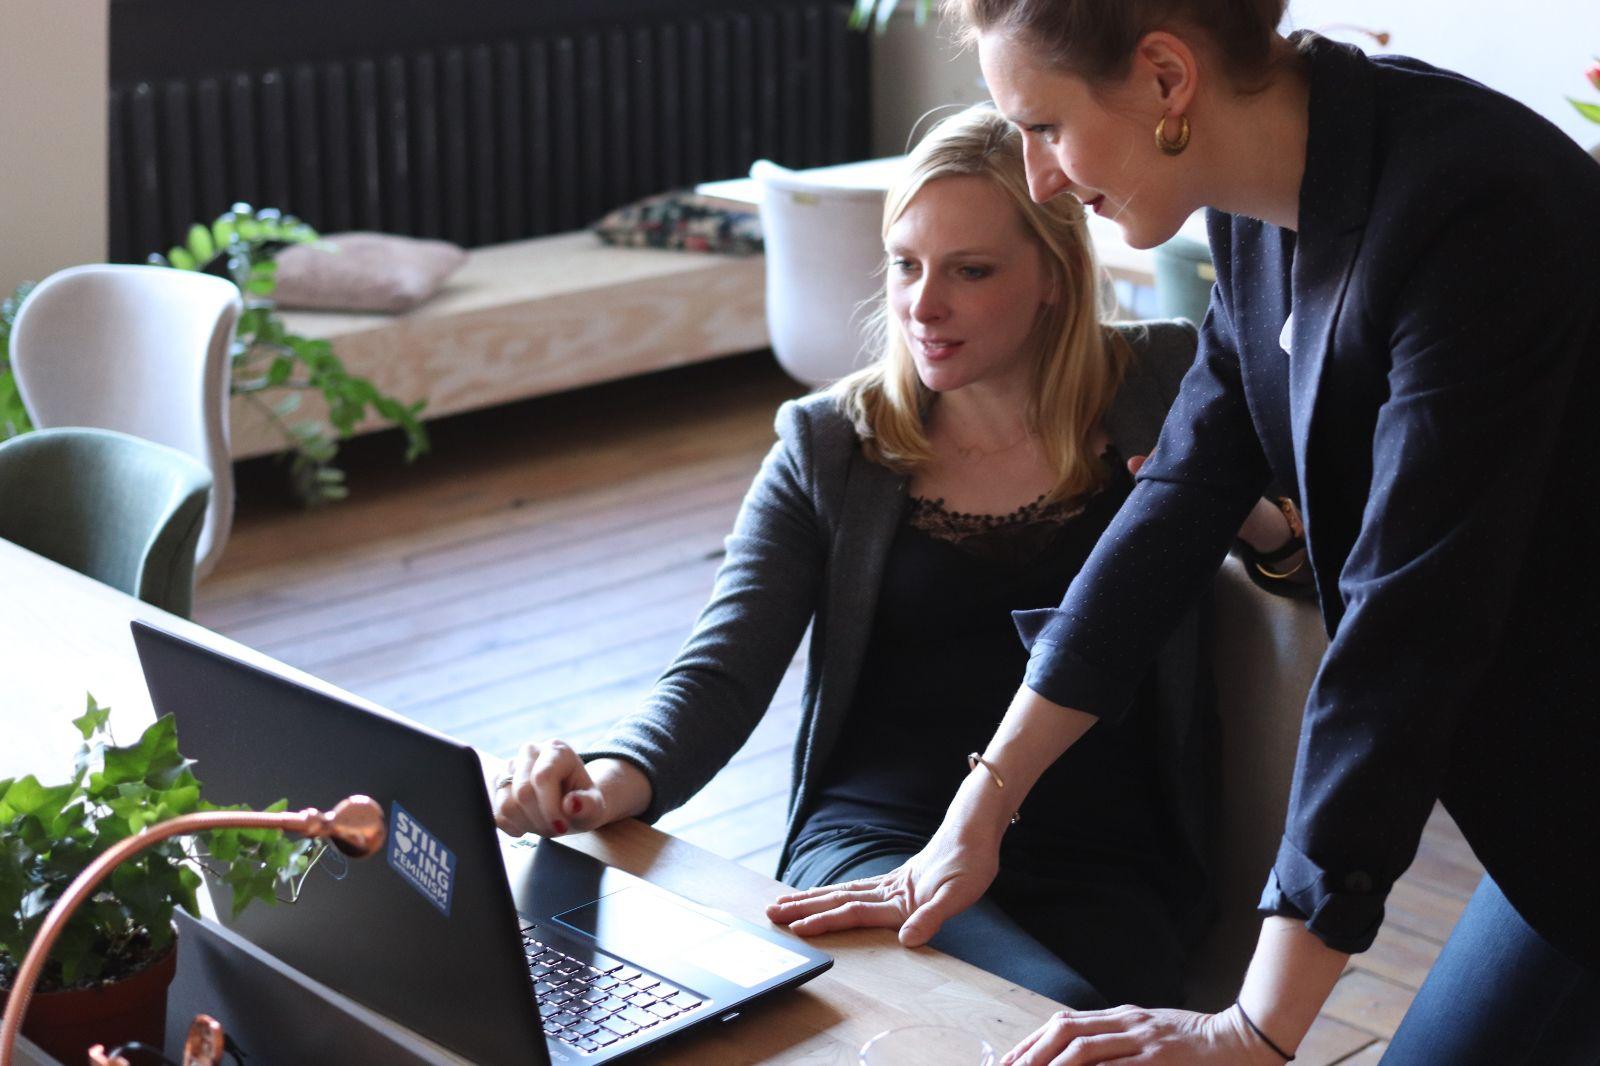 Абонентское юридическое обслуживание и сопровождение бизнеса представляет собой комплексное обслуживание юридических лиц, в рамках которого для Заказчика выполняется претензионно-исковая работа, разработка и согласование договоров, экспертиза договоров, претензионная работа с поставщиками, претензионная работа по 44-ФЗ, представляются консультации по юридическому сопровождению бизнеса и оказывается помощь в проведении переговоров по коммерческим вопросам.